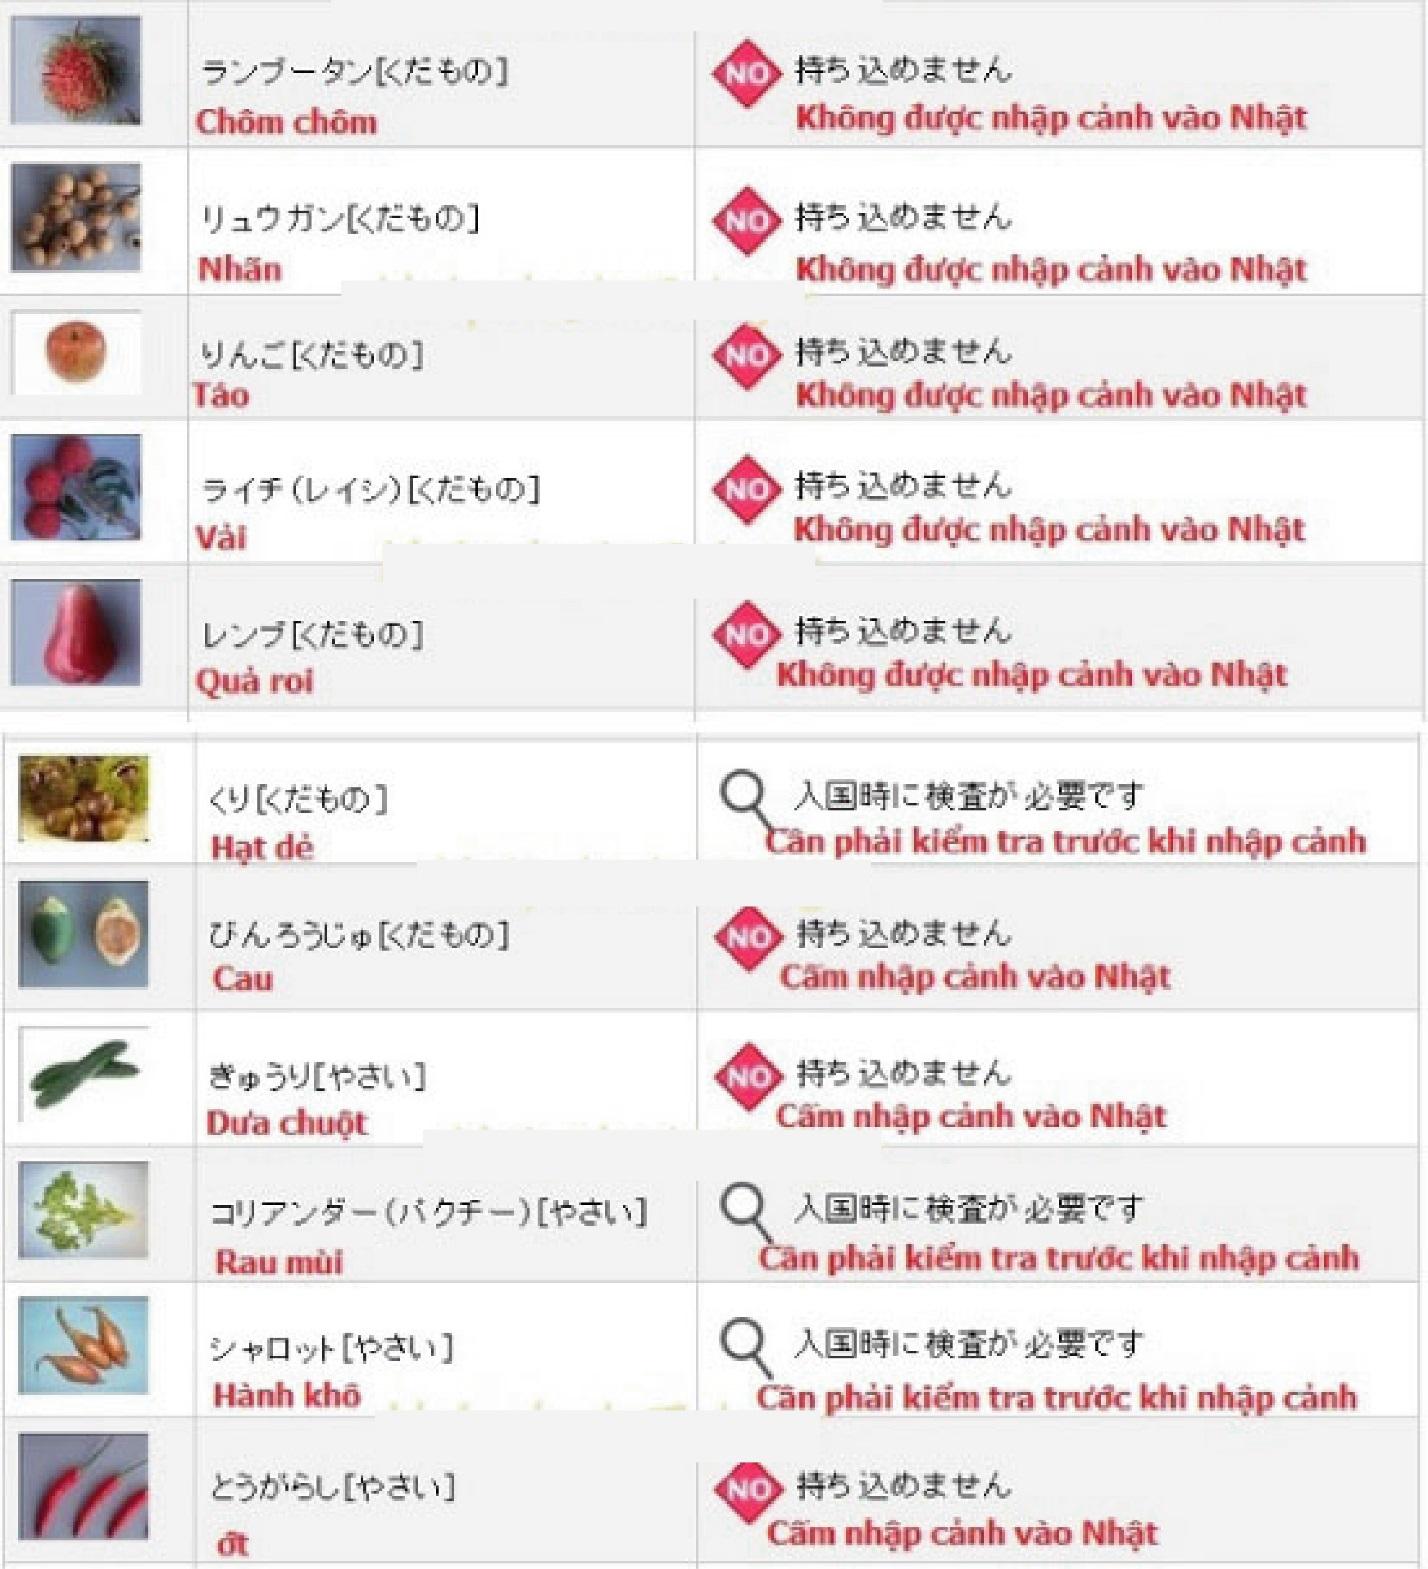 Thực phẩm nào bị cấm nhập cảnh vào Nhật Bản 8